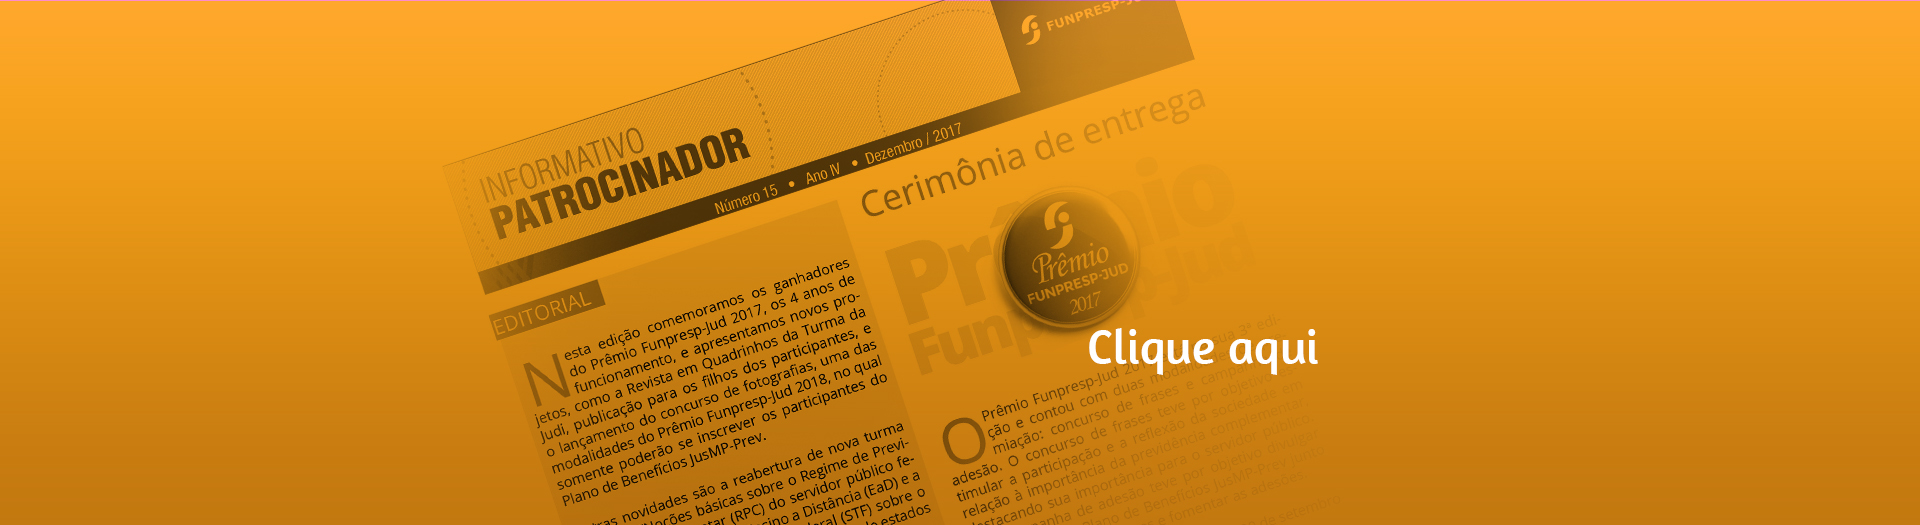 Funprespjud_informativoPatrocinador_banner_home